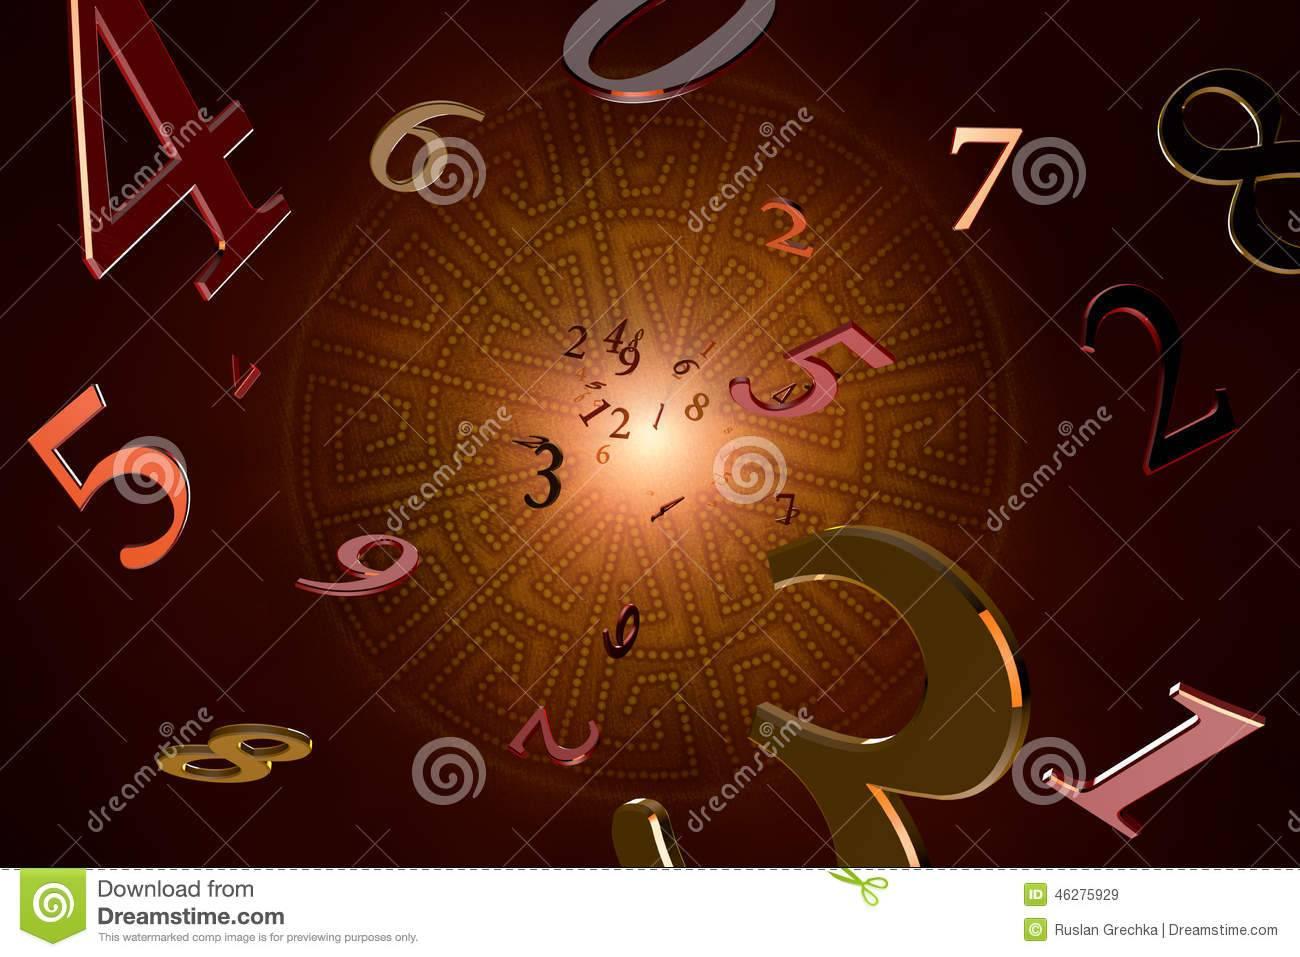 Комбинации цифр, приносящие деньги: магические числа, даты рождения, счастливые купюры